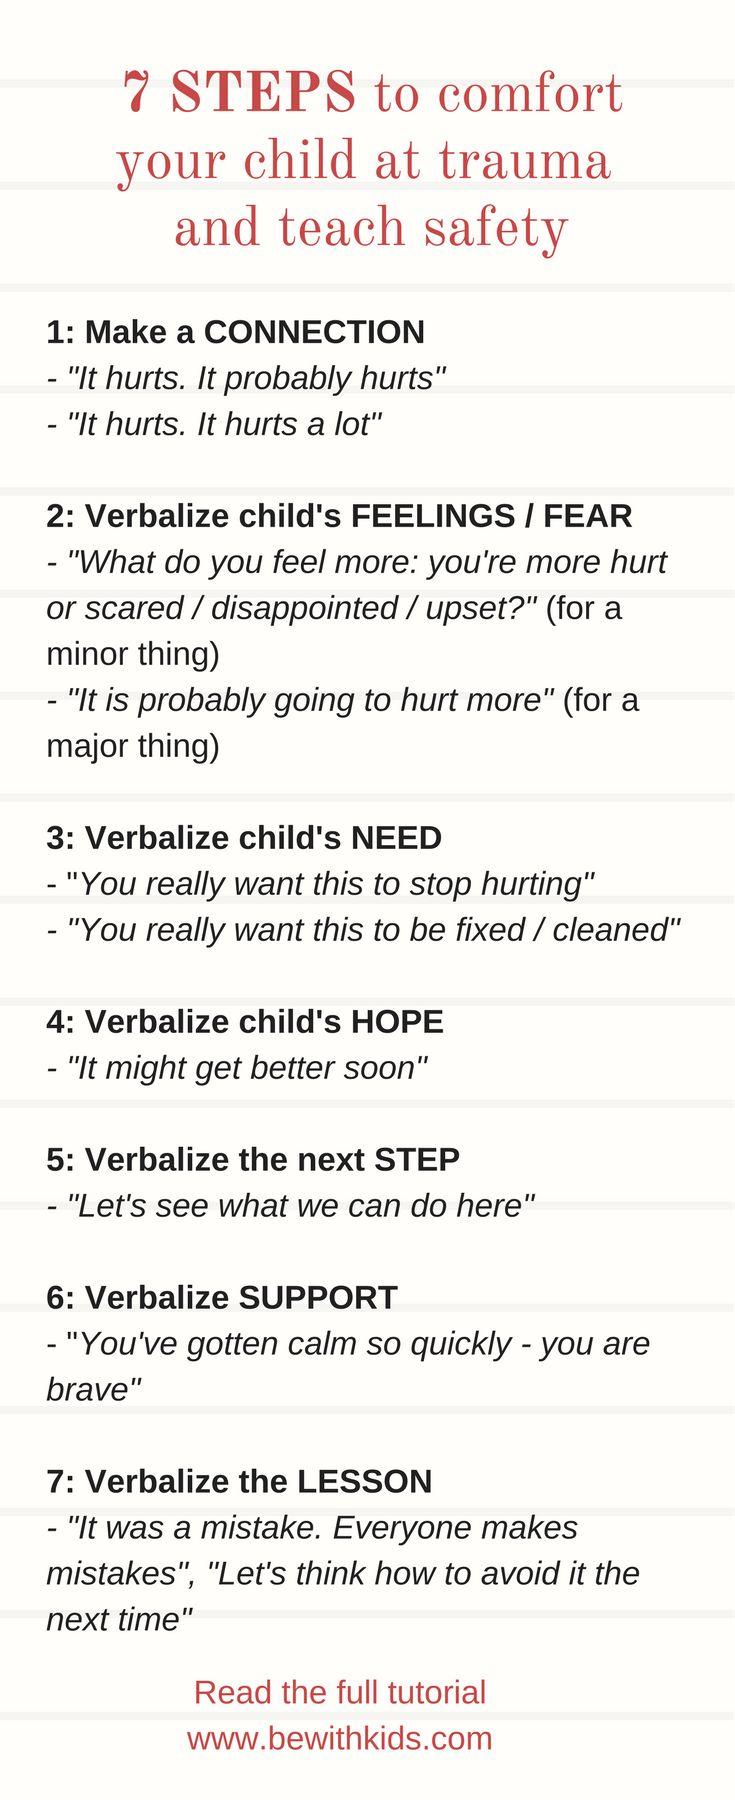 How to comfort your child in trauma and teach safety - checklist - parenting safety tips #bewithkids, #kidssafety, #strangerdanger #positiveparenting, #kidssafetytips, #sportssafety